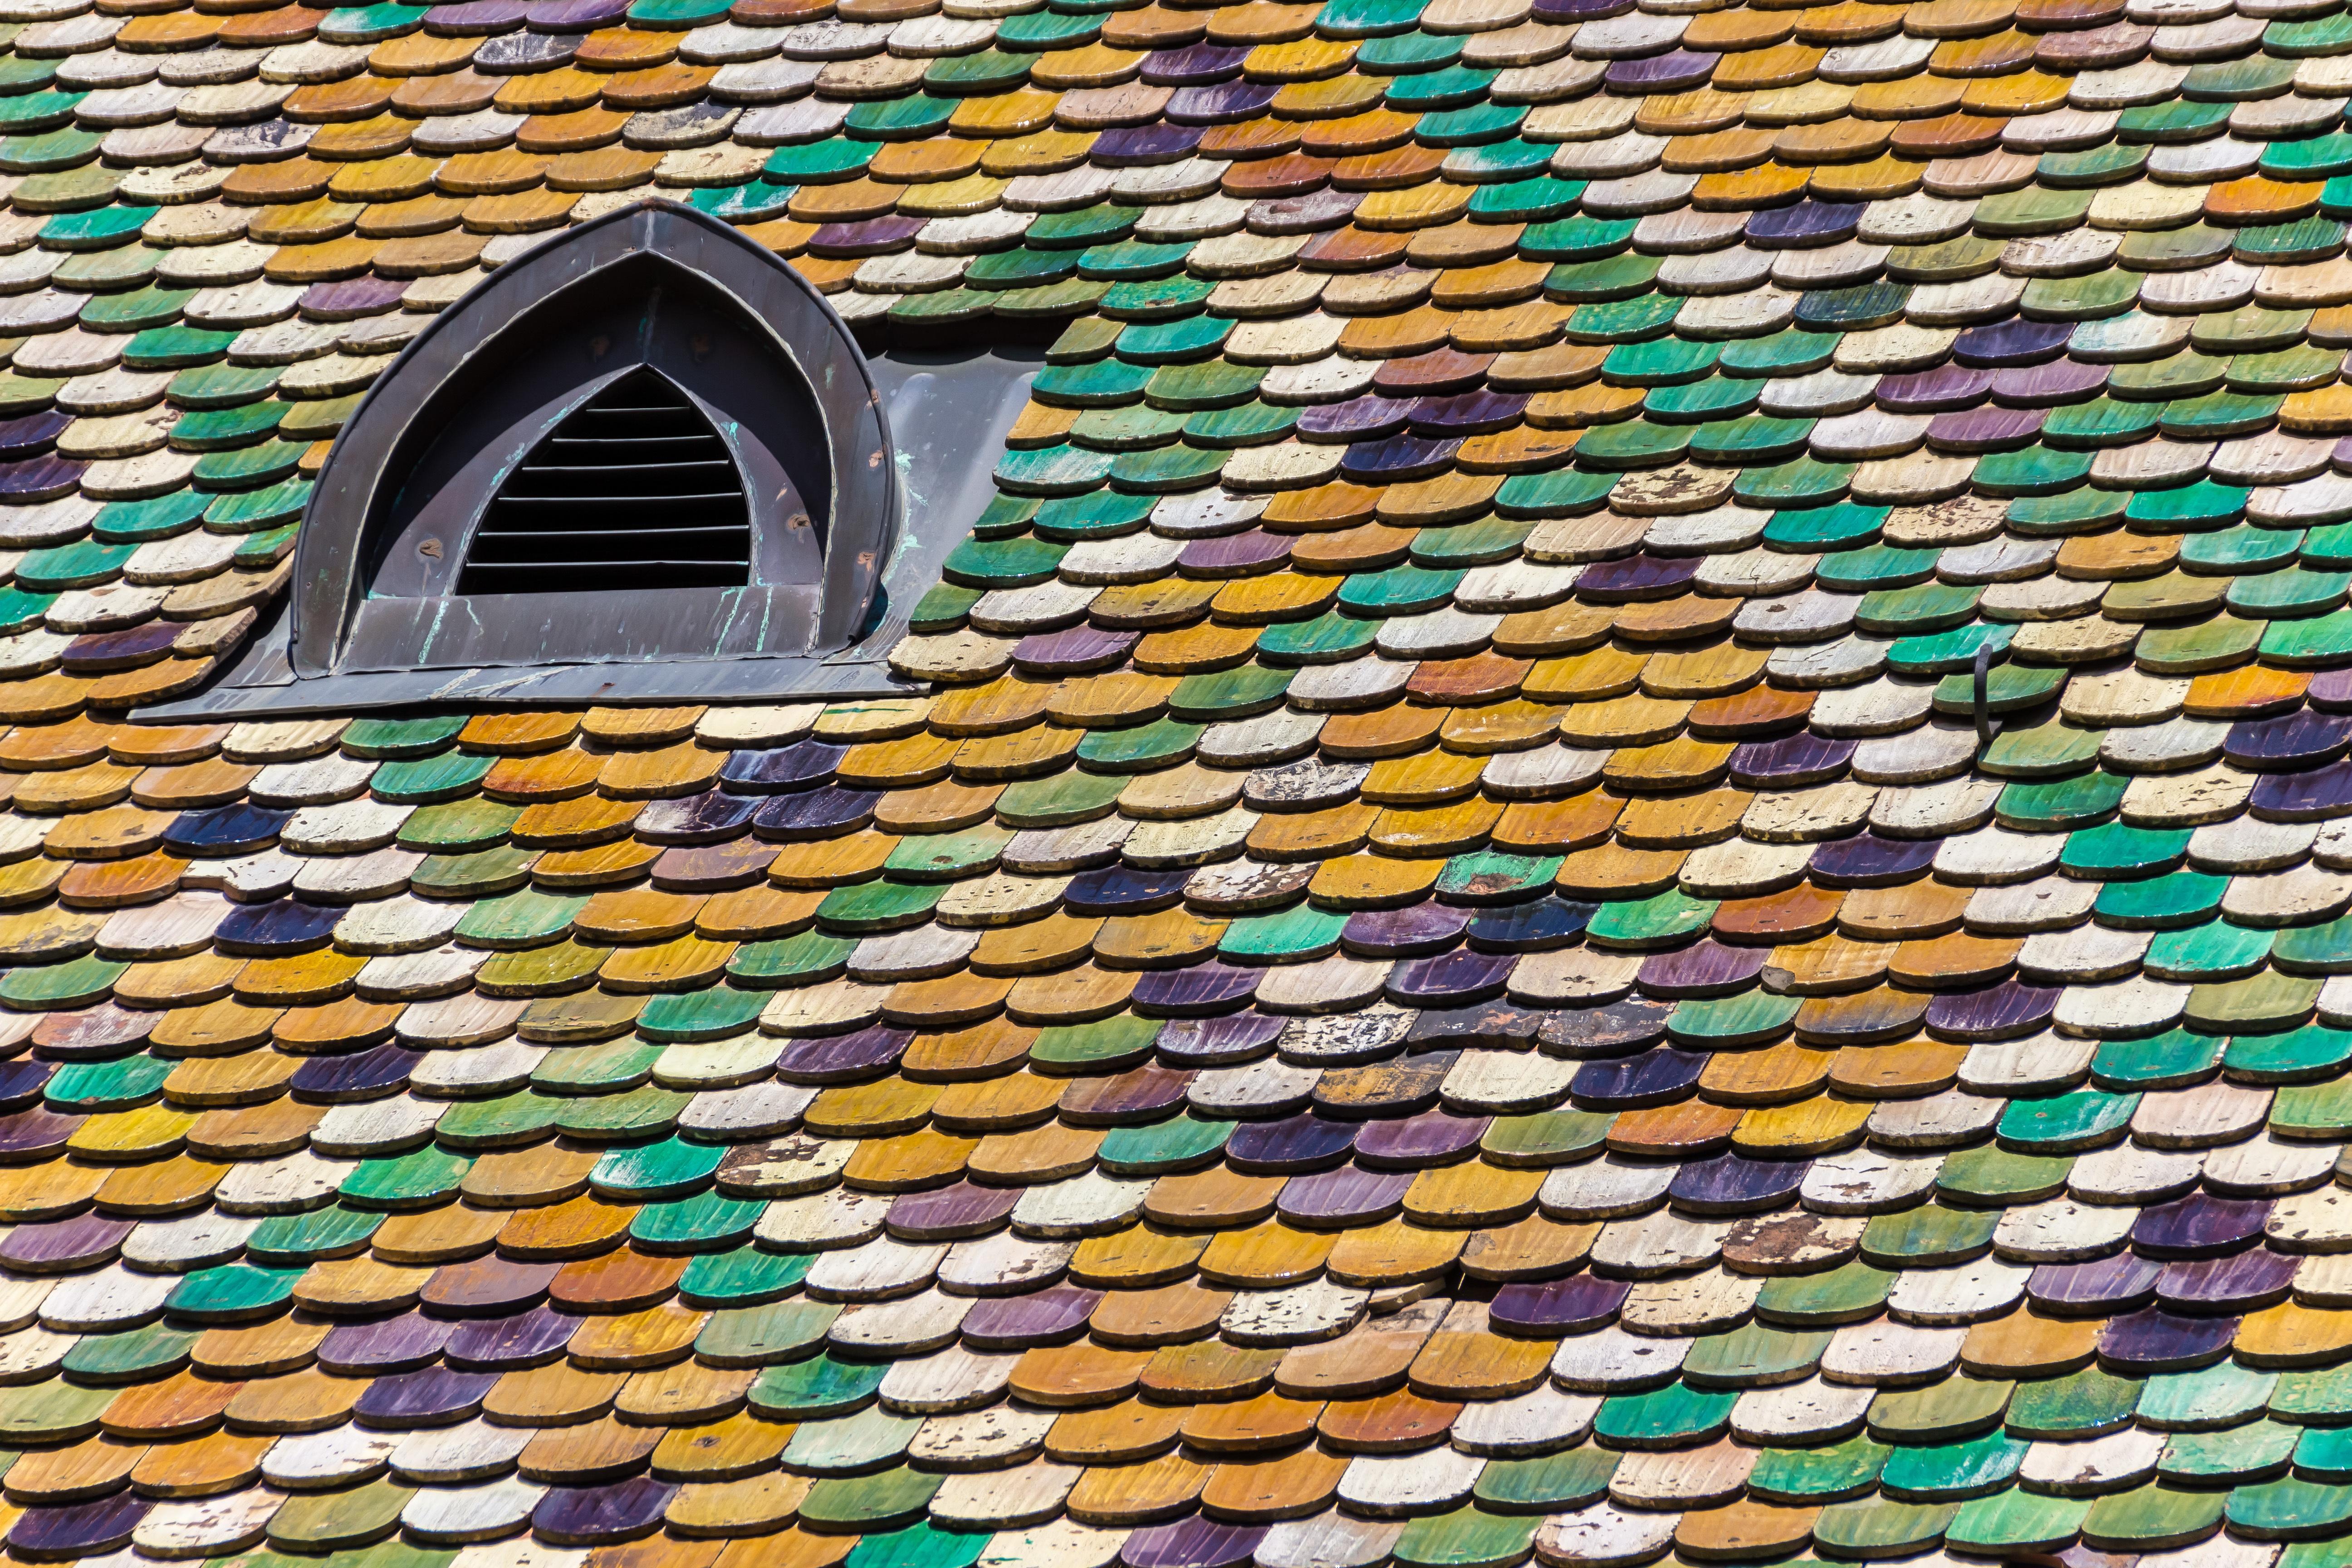 Fotos Gratis Arquitectura Estructura Ventana Vaso